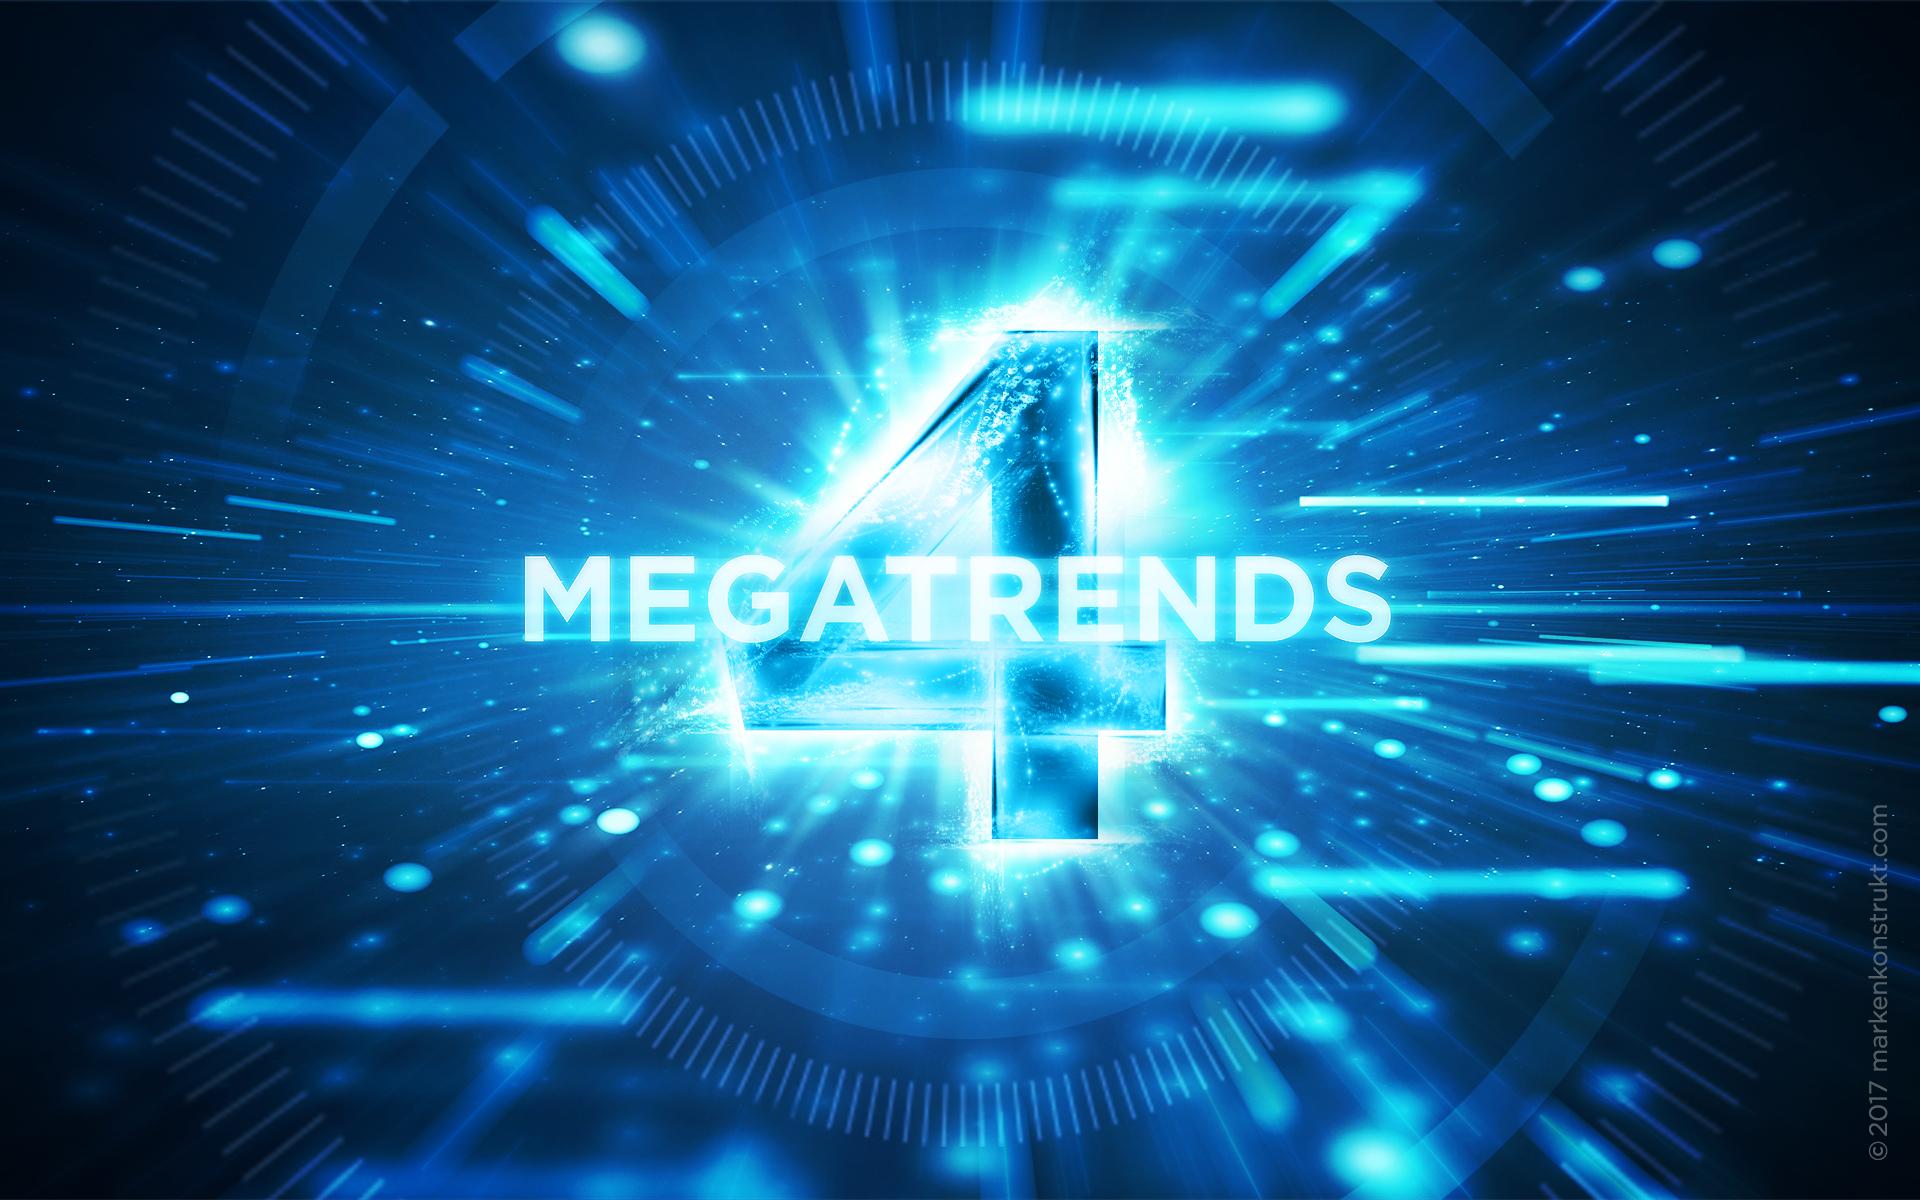 Die 4 Megatrends der Digitalisierung | Pressemitteilung